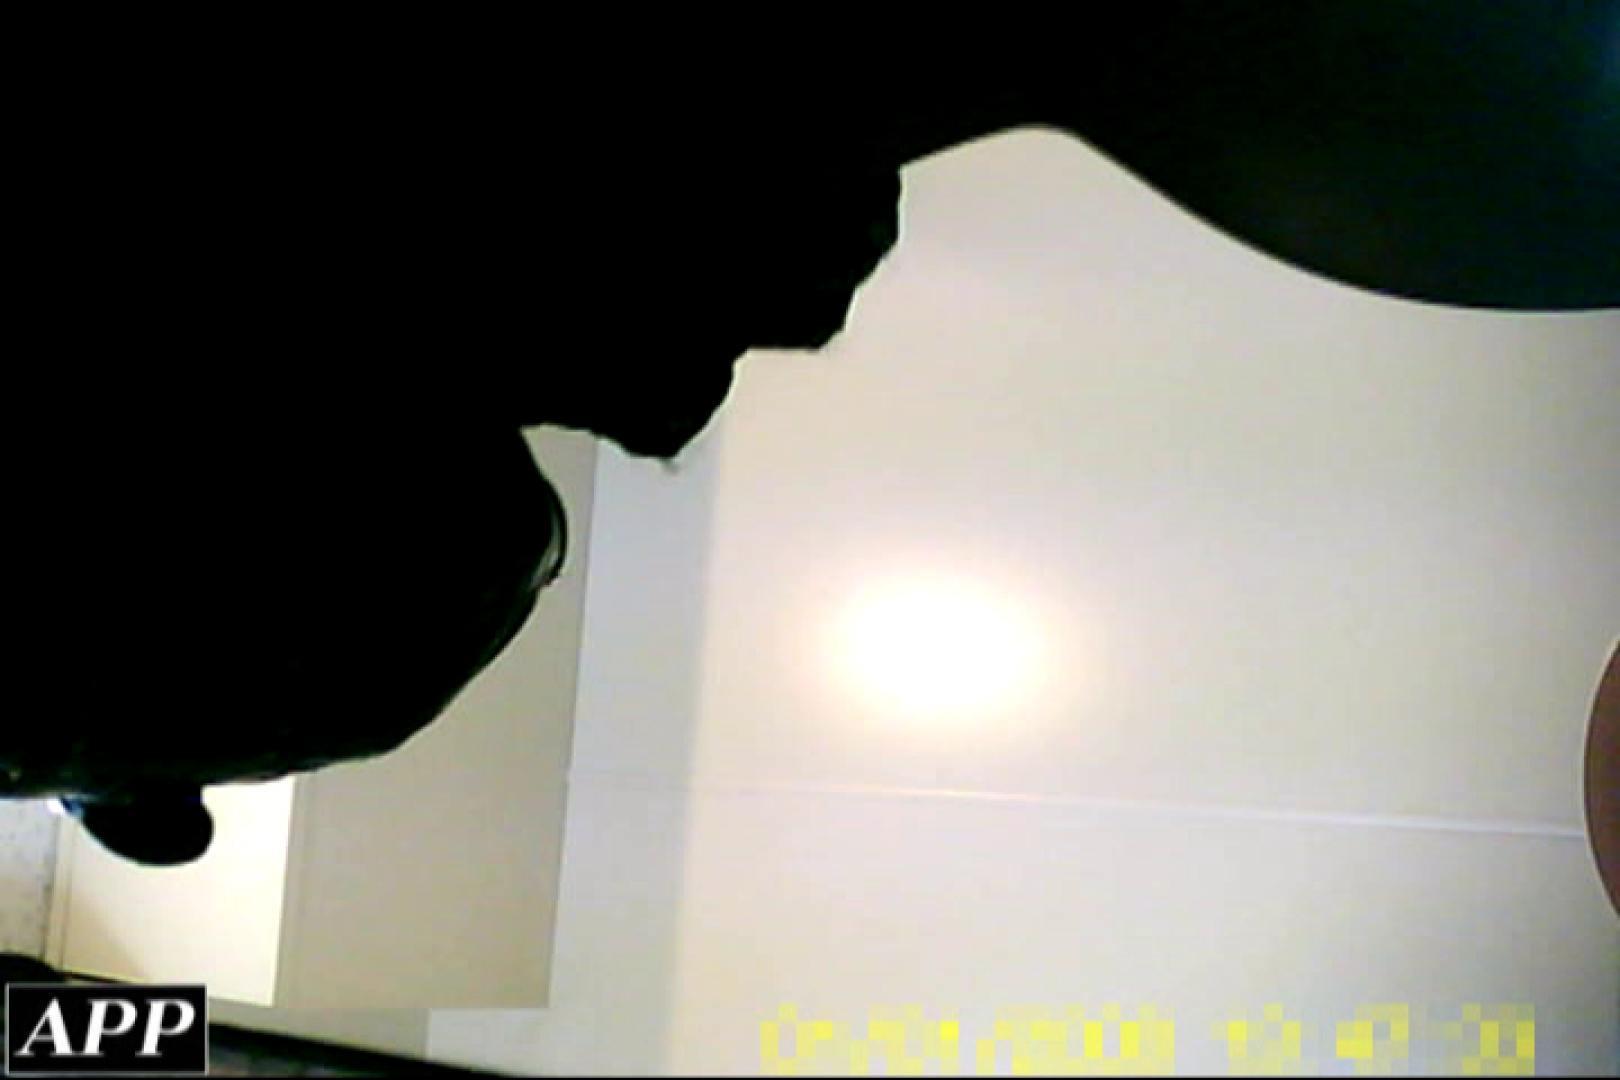 3視点洗面所 vol.116 マンコ | オマンコ大好き  63画像 36